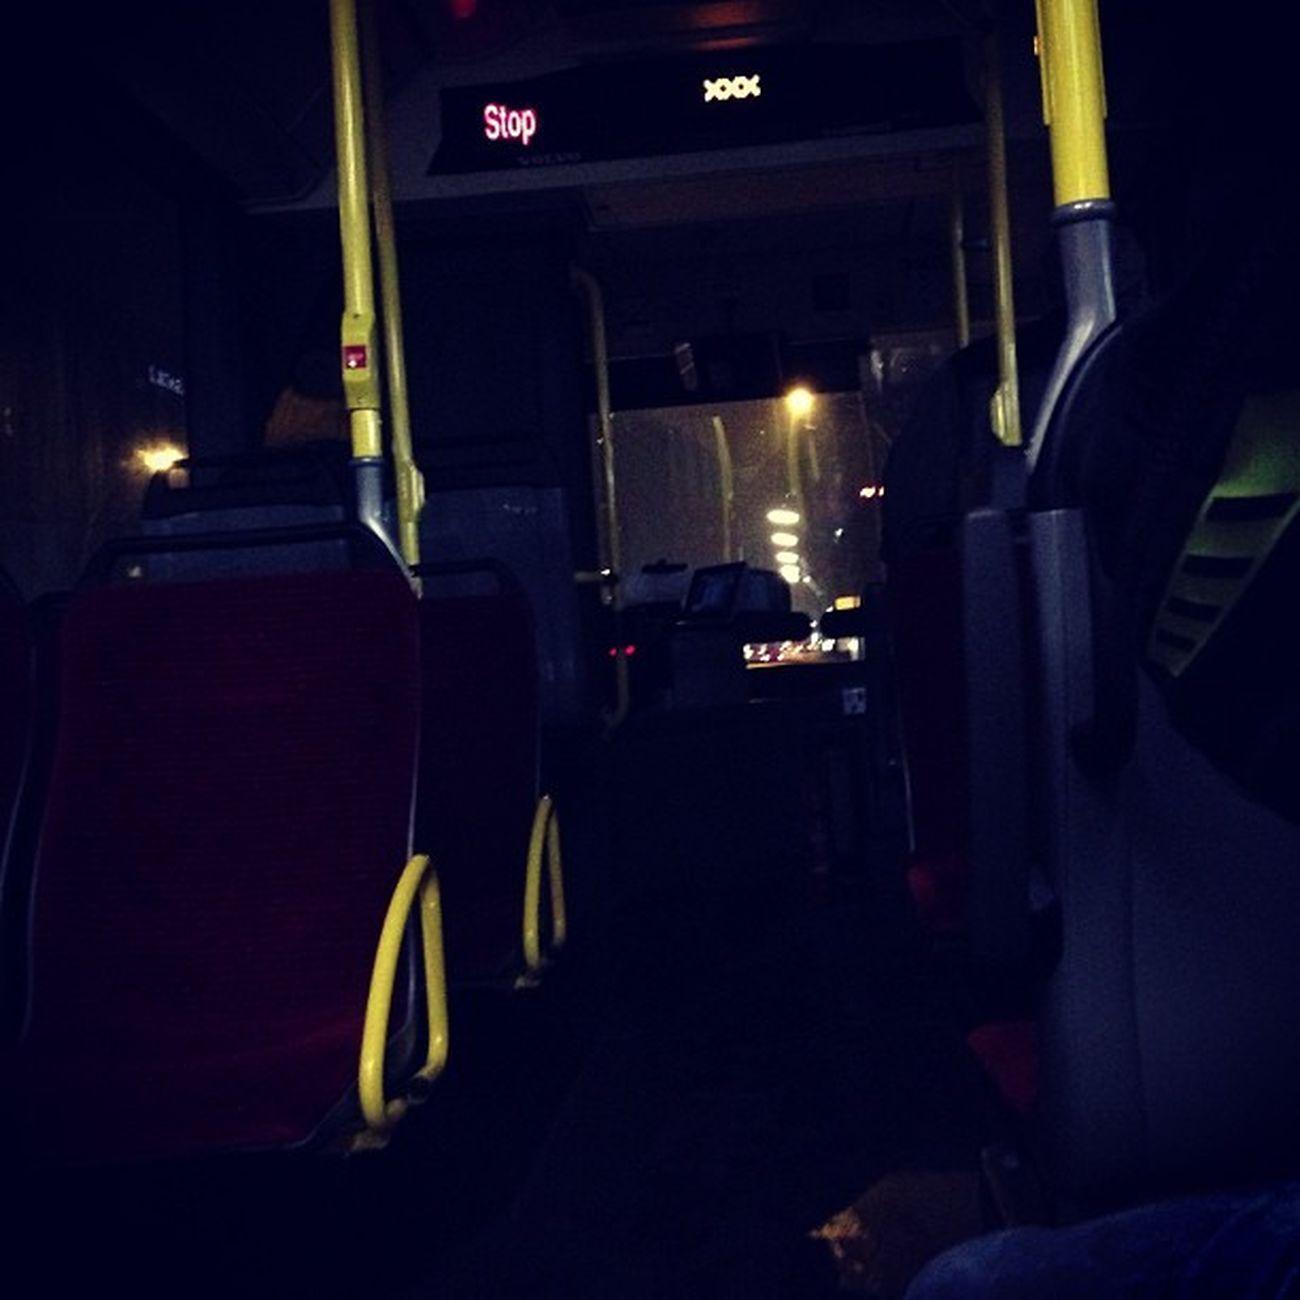 XXX Bus. Wieso liegt hier eigentlich Stroh?